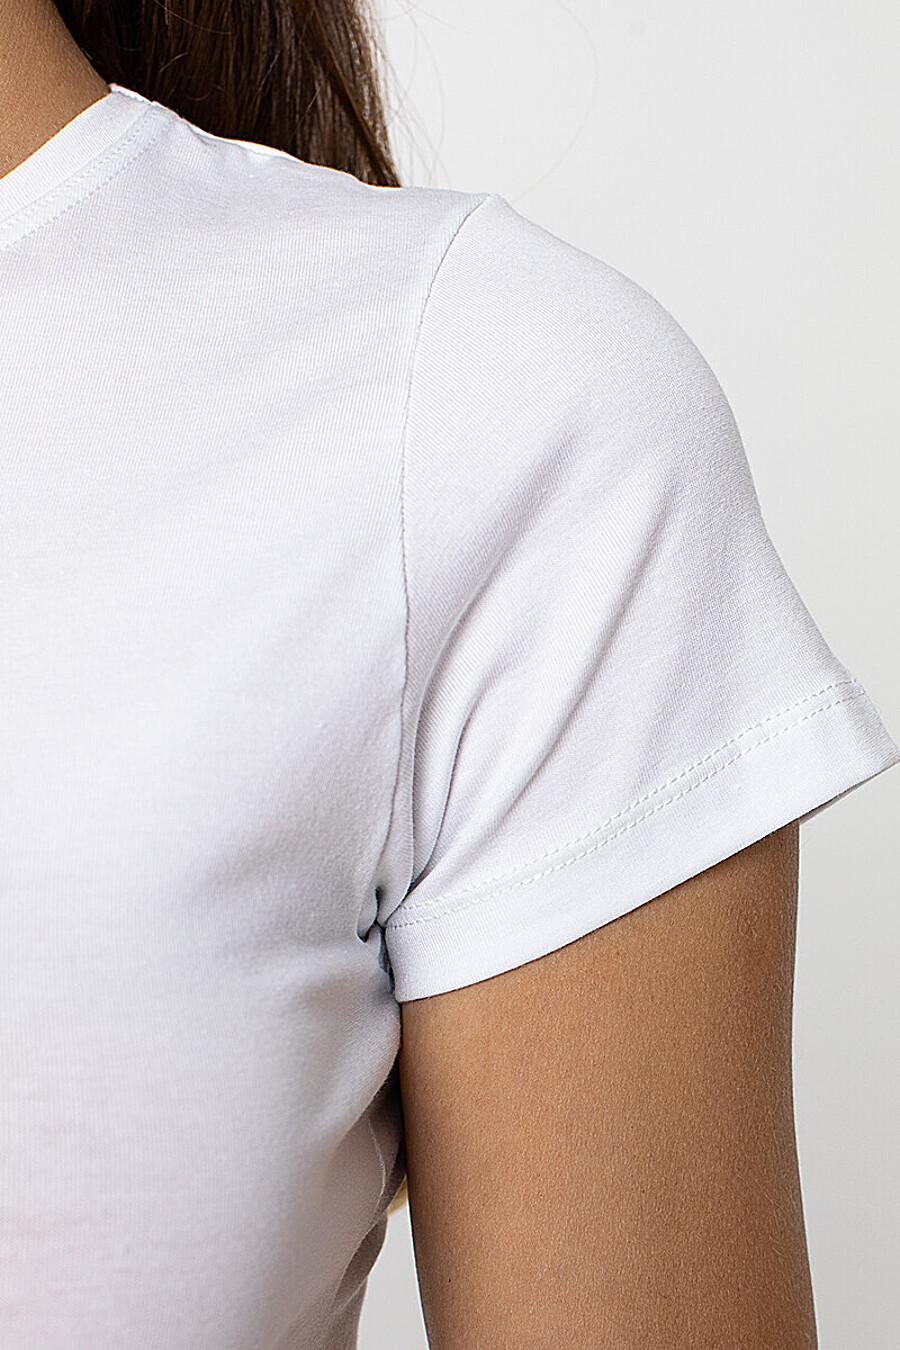 Футболка для женщин PE.CHITTO 169394 купить оптом от производителя. Совместная покупка женской одежды в OptMoyo